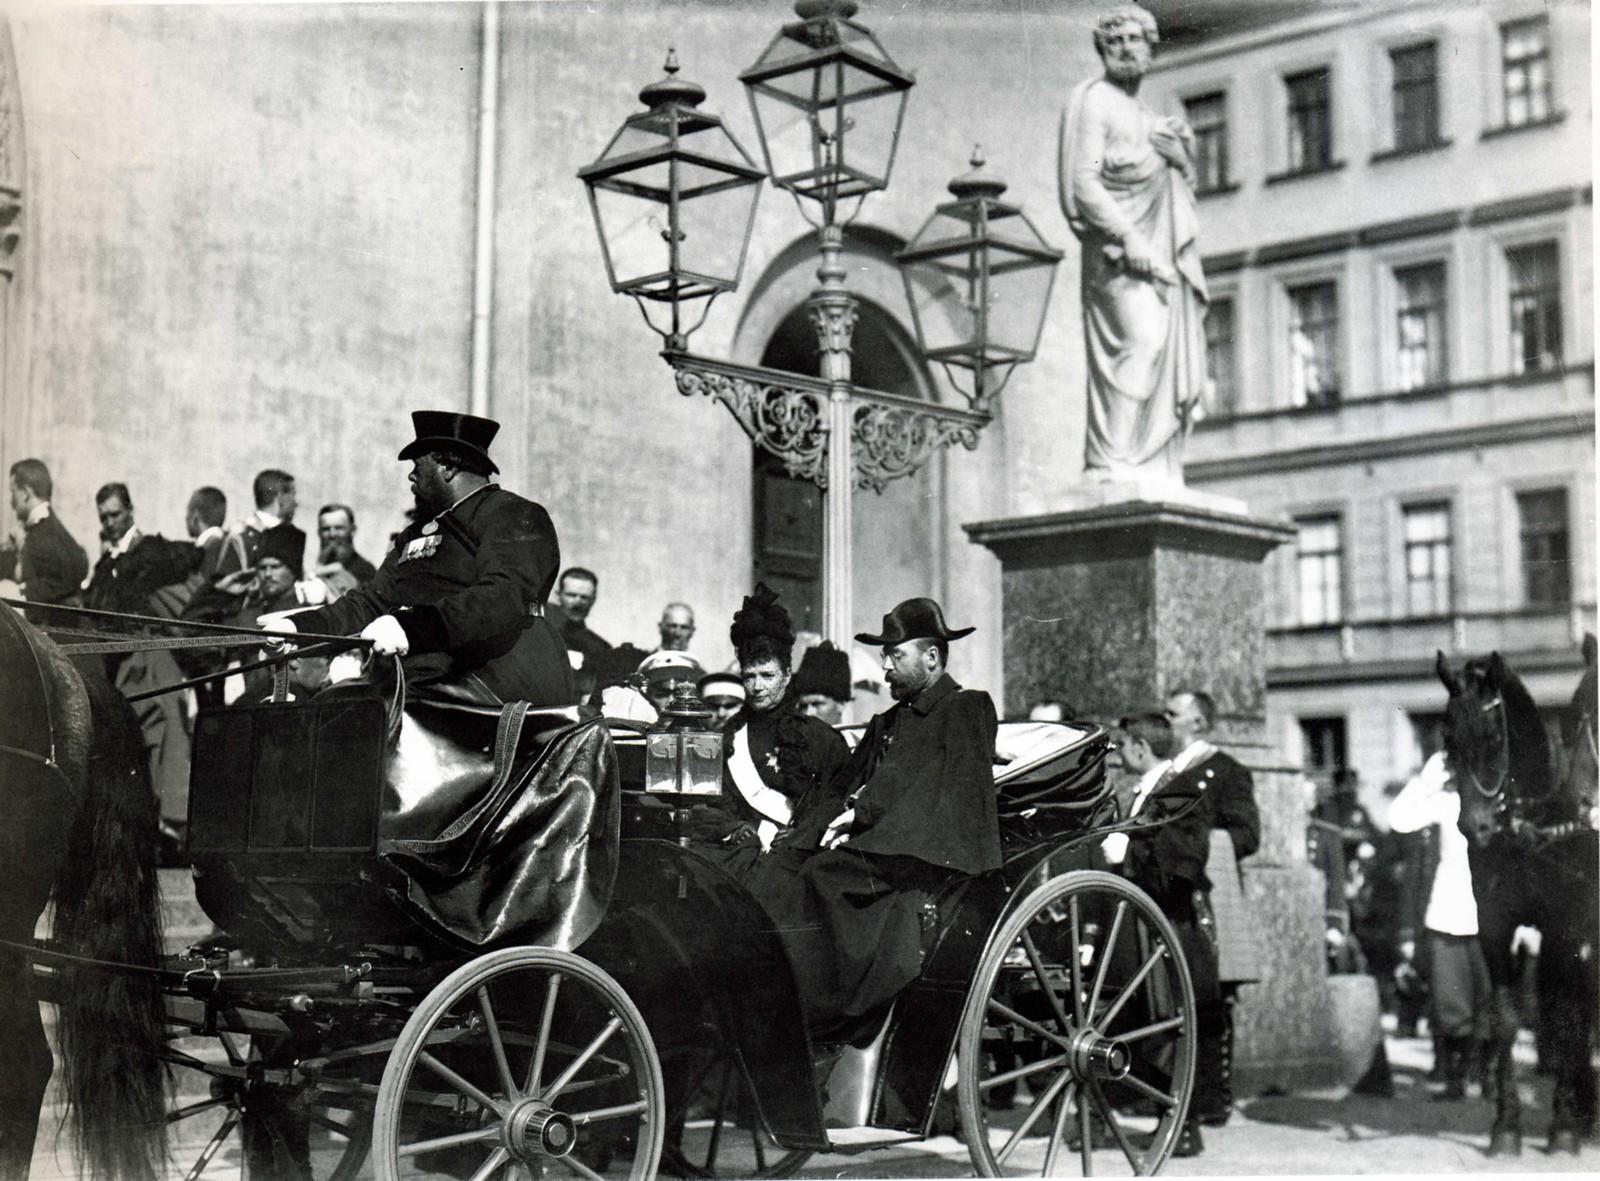 1901. Мария Фёдоровна и Николай II у церкви св. Петра после траурной мессы по Германской императрице Виктории. 6 августа 1901